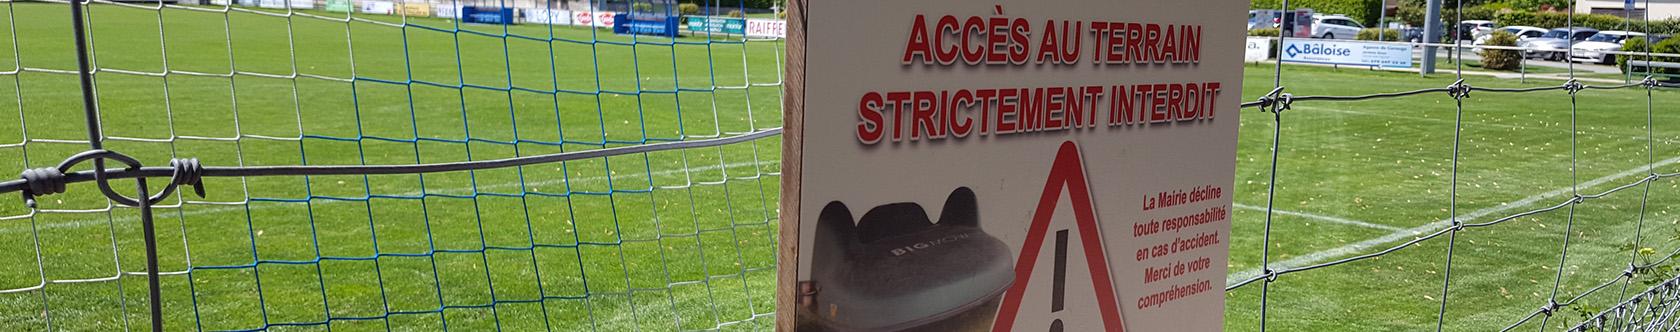 Signalétique du stade de football